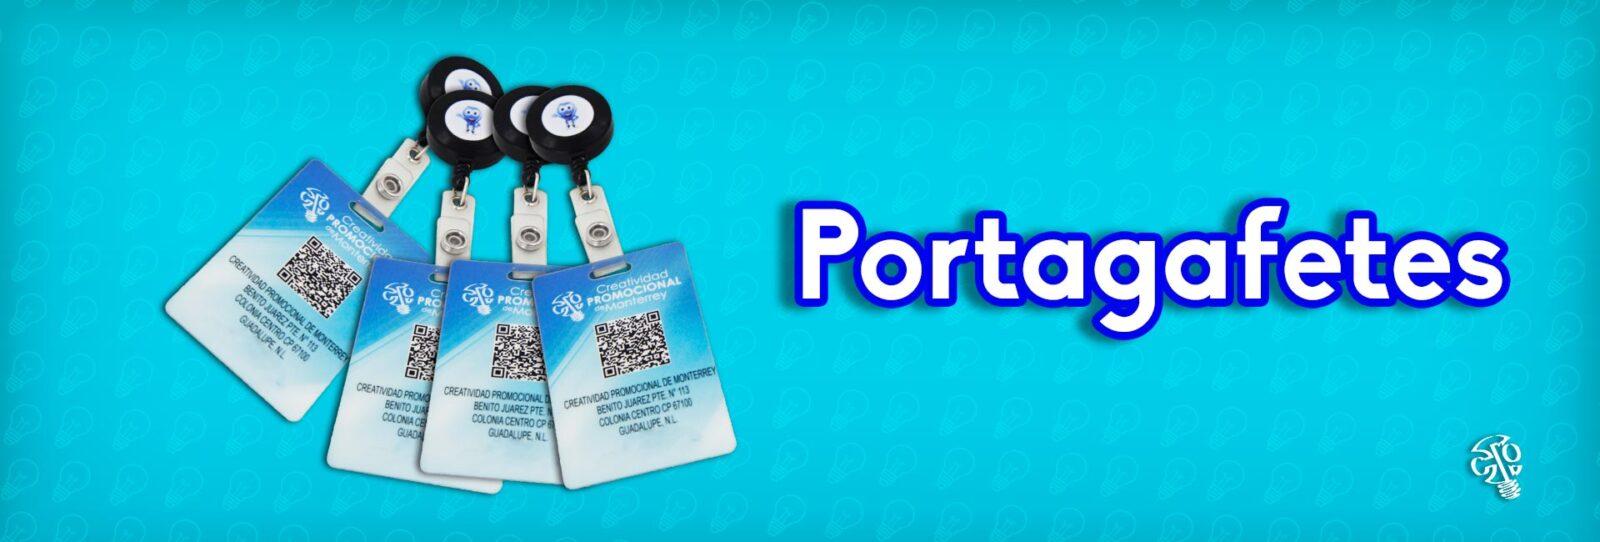 02_Portagafetes